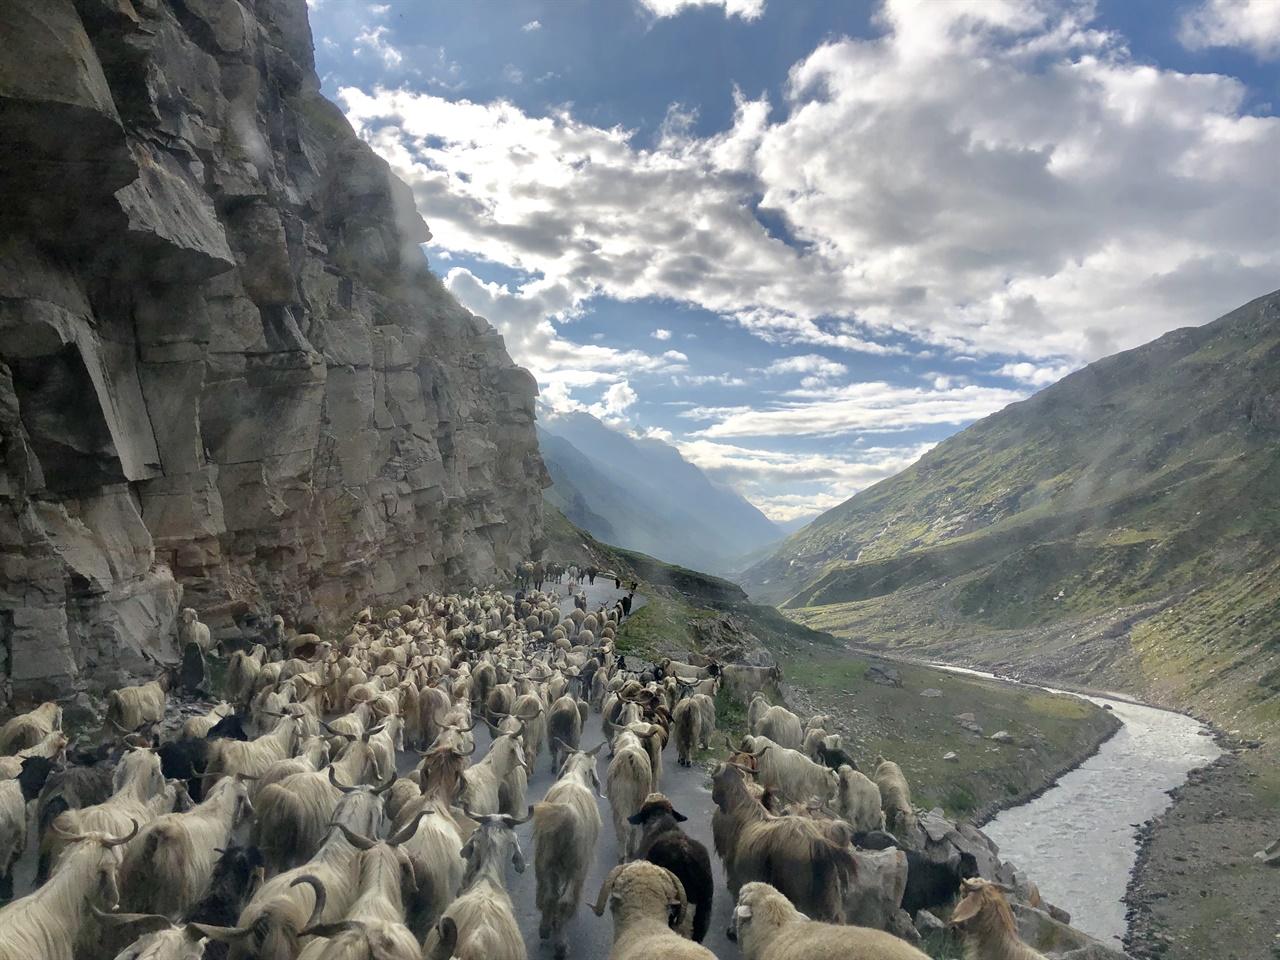 끝없이 이어진 양과 염소 떼의 행렬